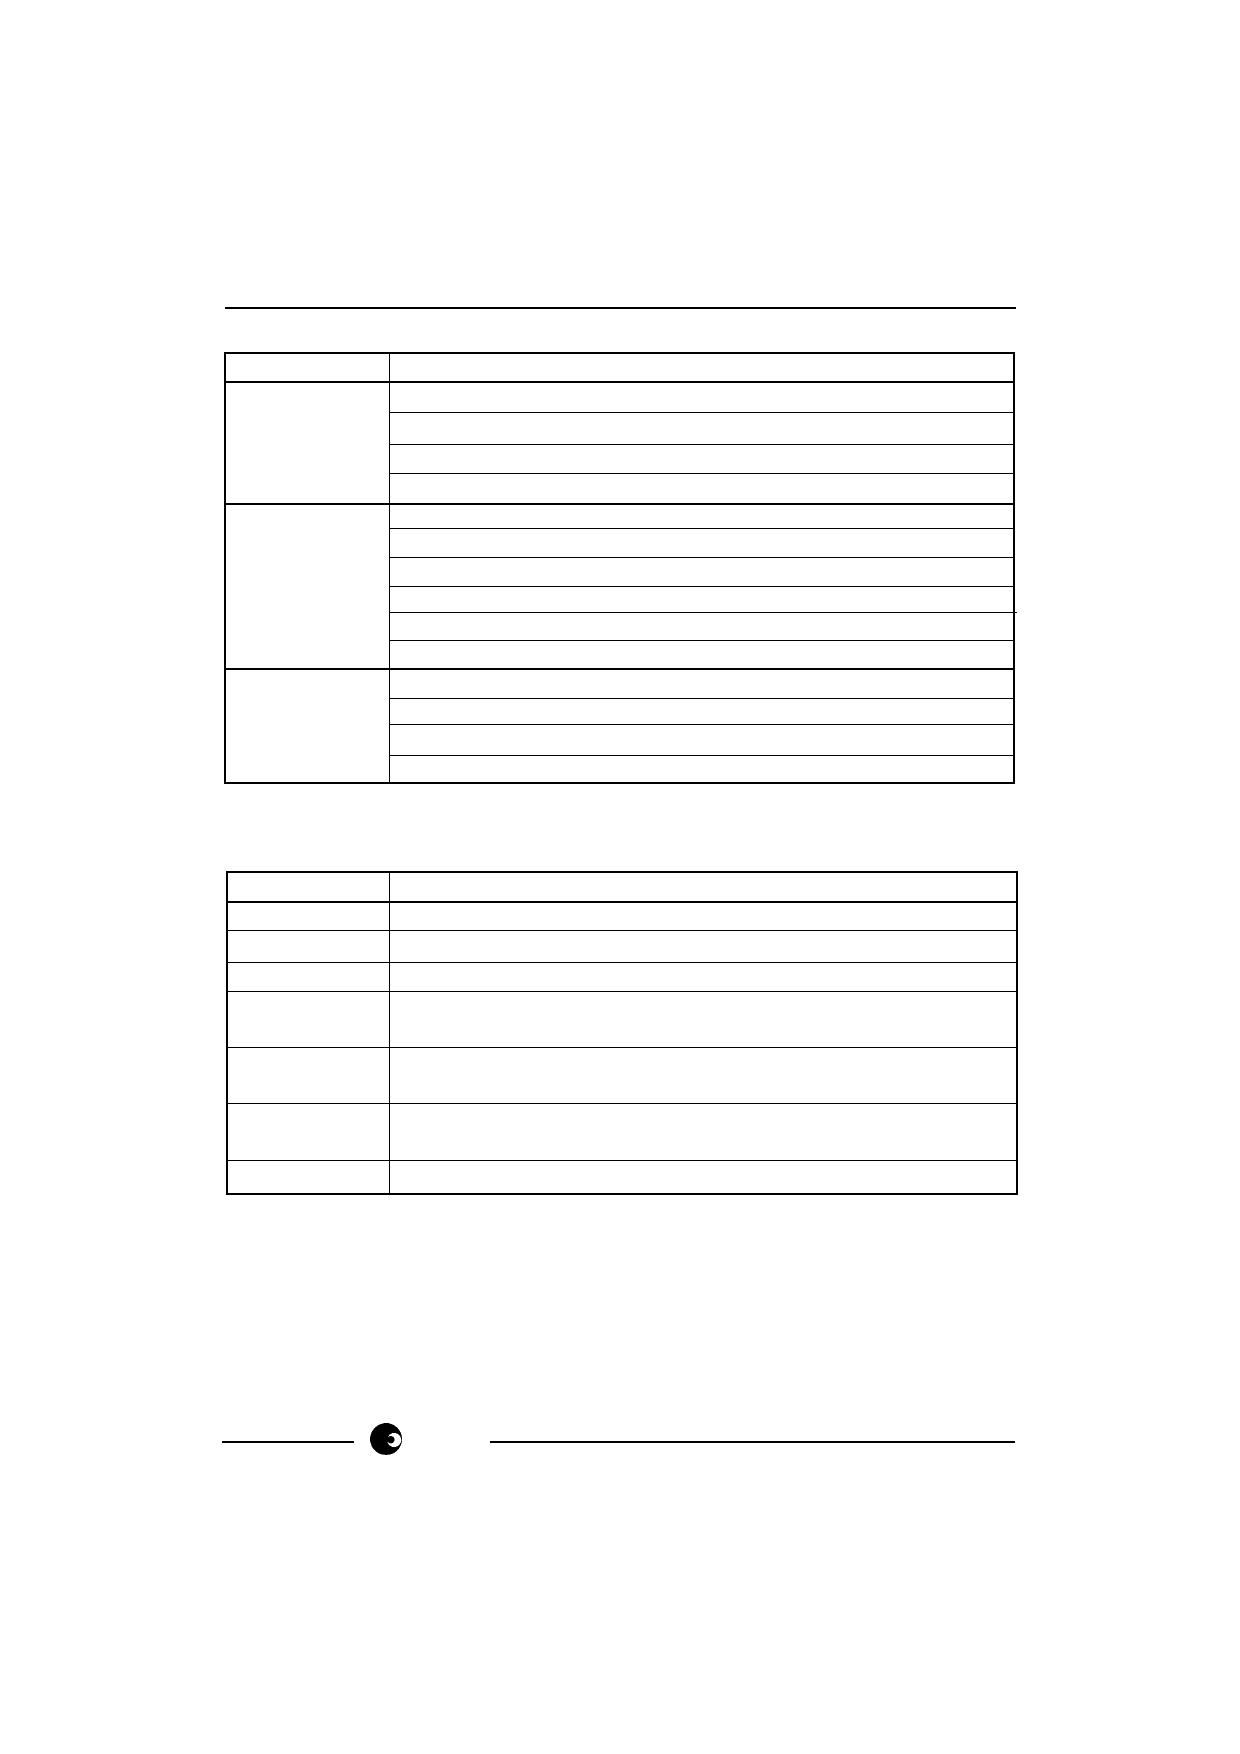 PM9604AP pdf, 電子部品, 半導体, ピン配列